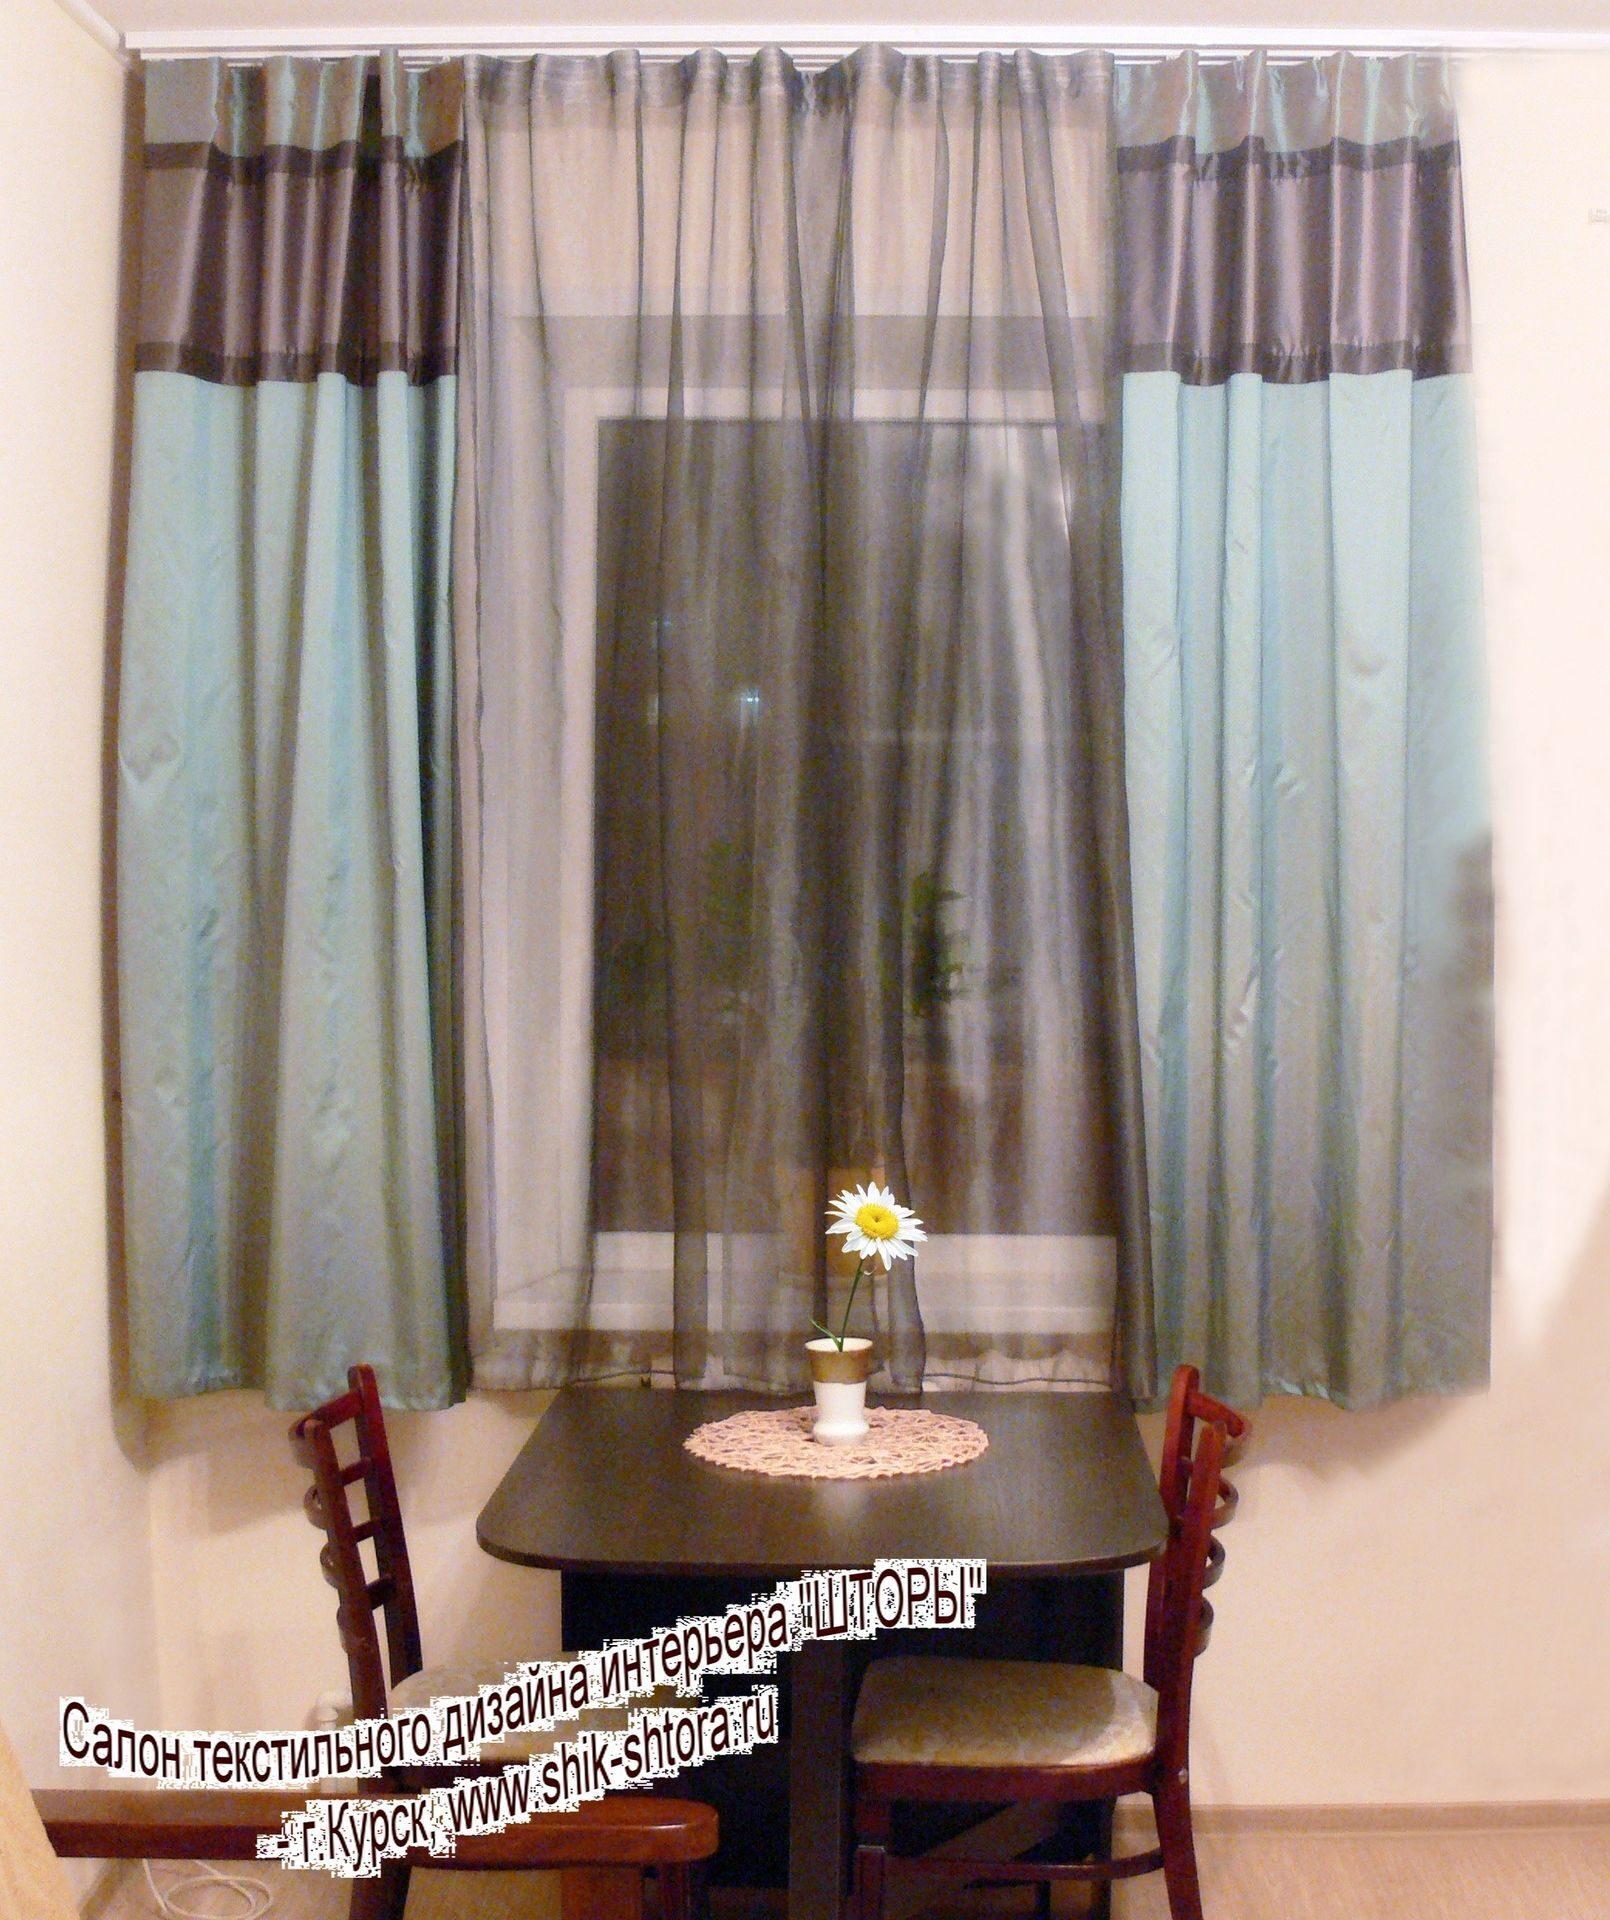 Органза для штор фото : ламбрекен, как сшить тюль своими руками, цветы 70